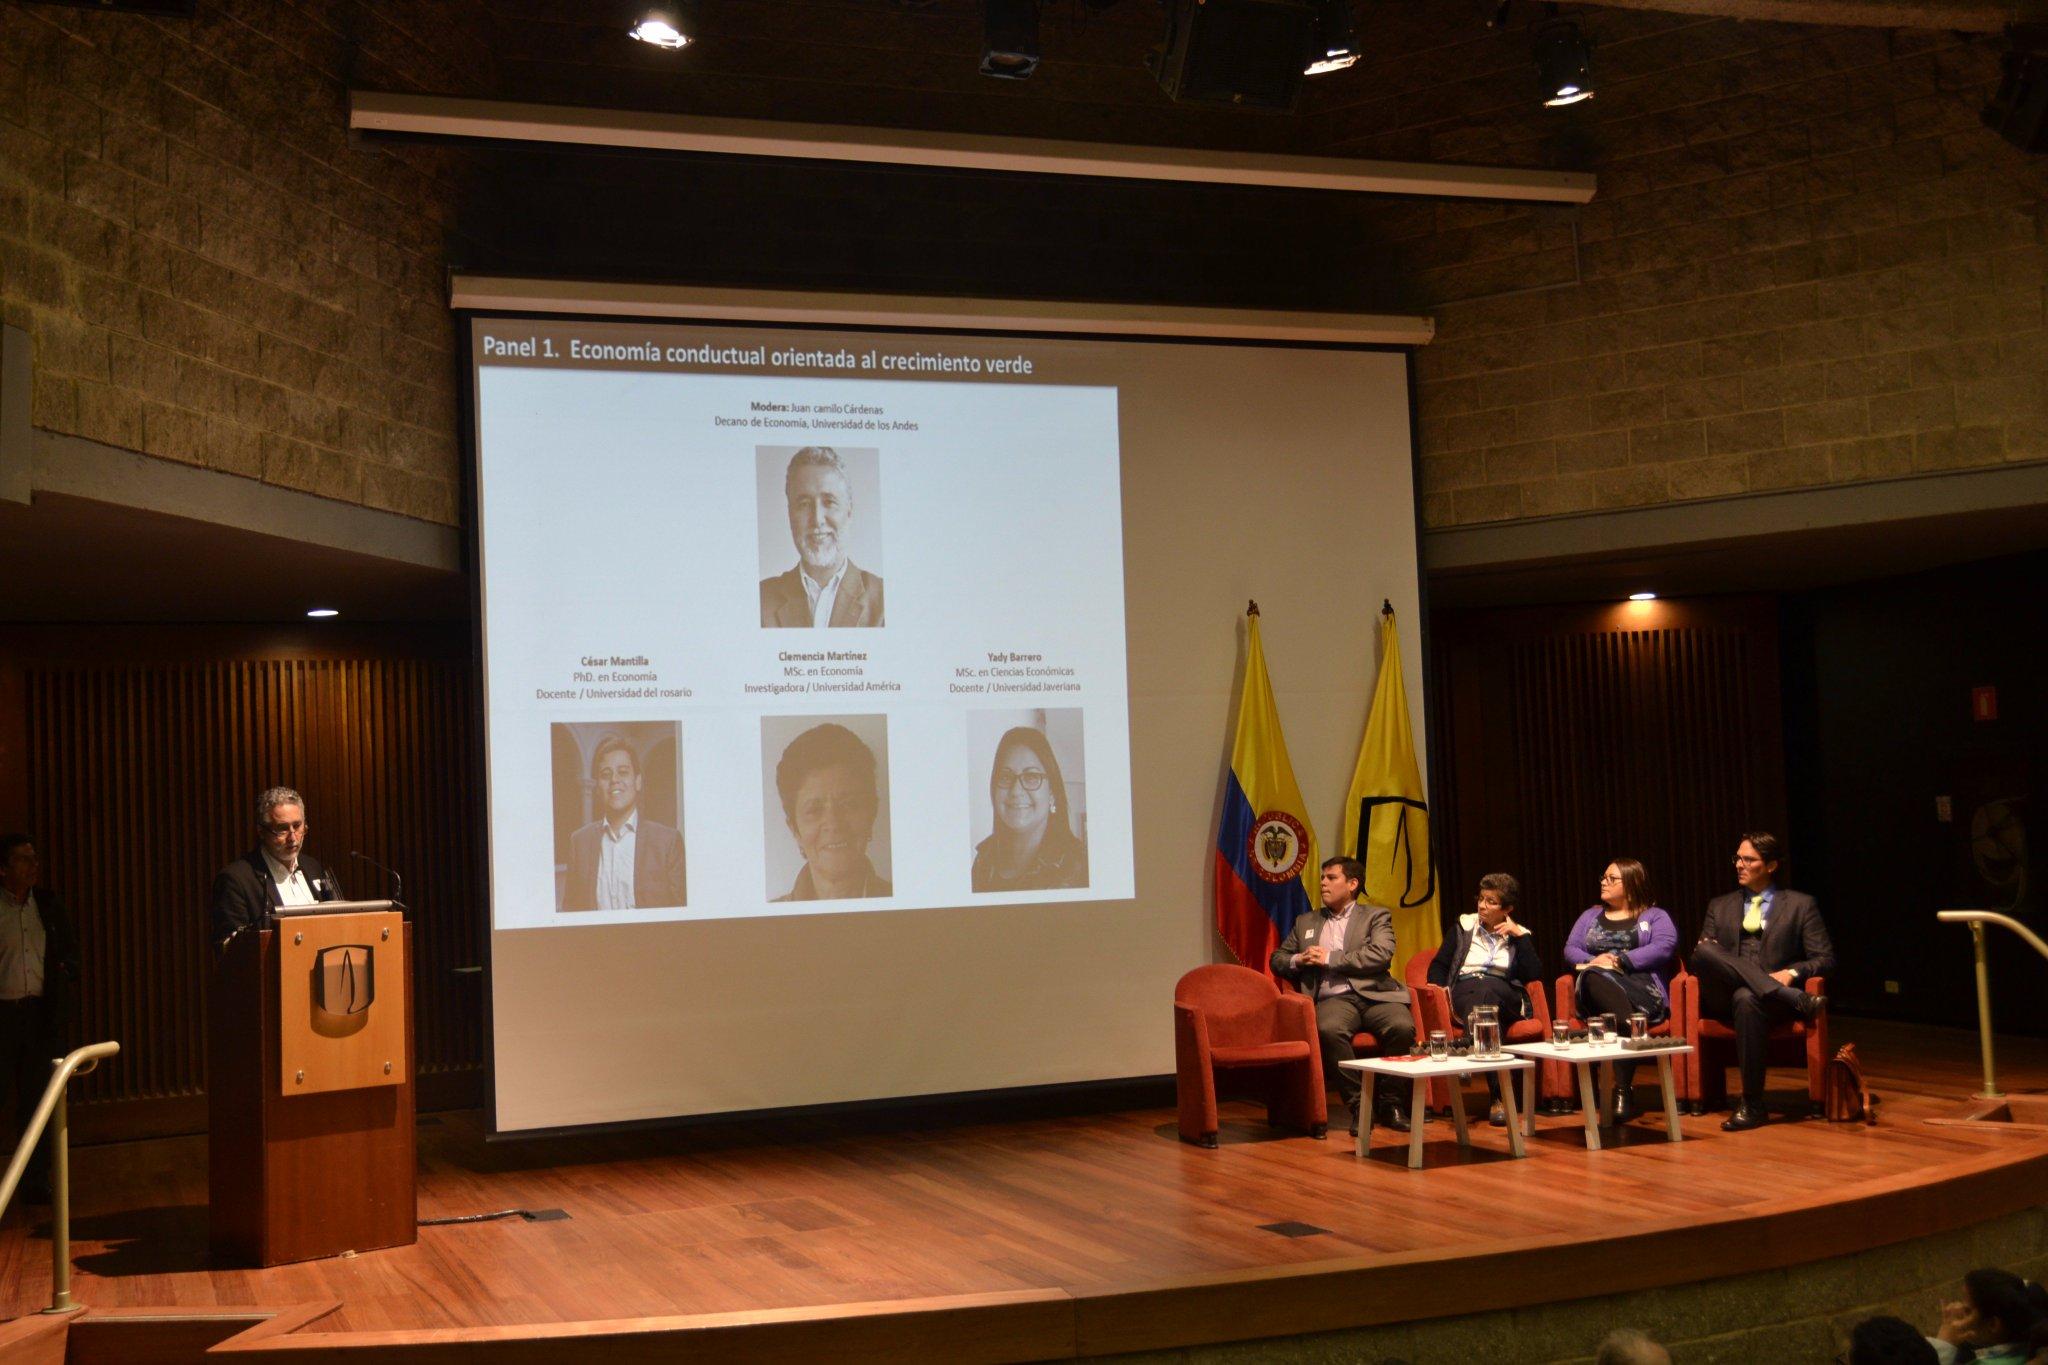 Inicia Panel: Economía conductual orientada al #CrecimientoVerde Modera Juan Camilo Cárdenas decano @EconomiaUAndes: https://t.co/FHxrSkTWeg https://t.co/Hx3uHorR6R